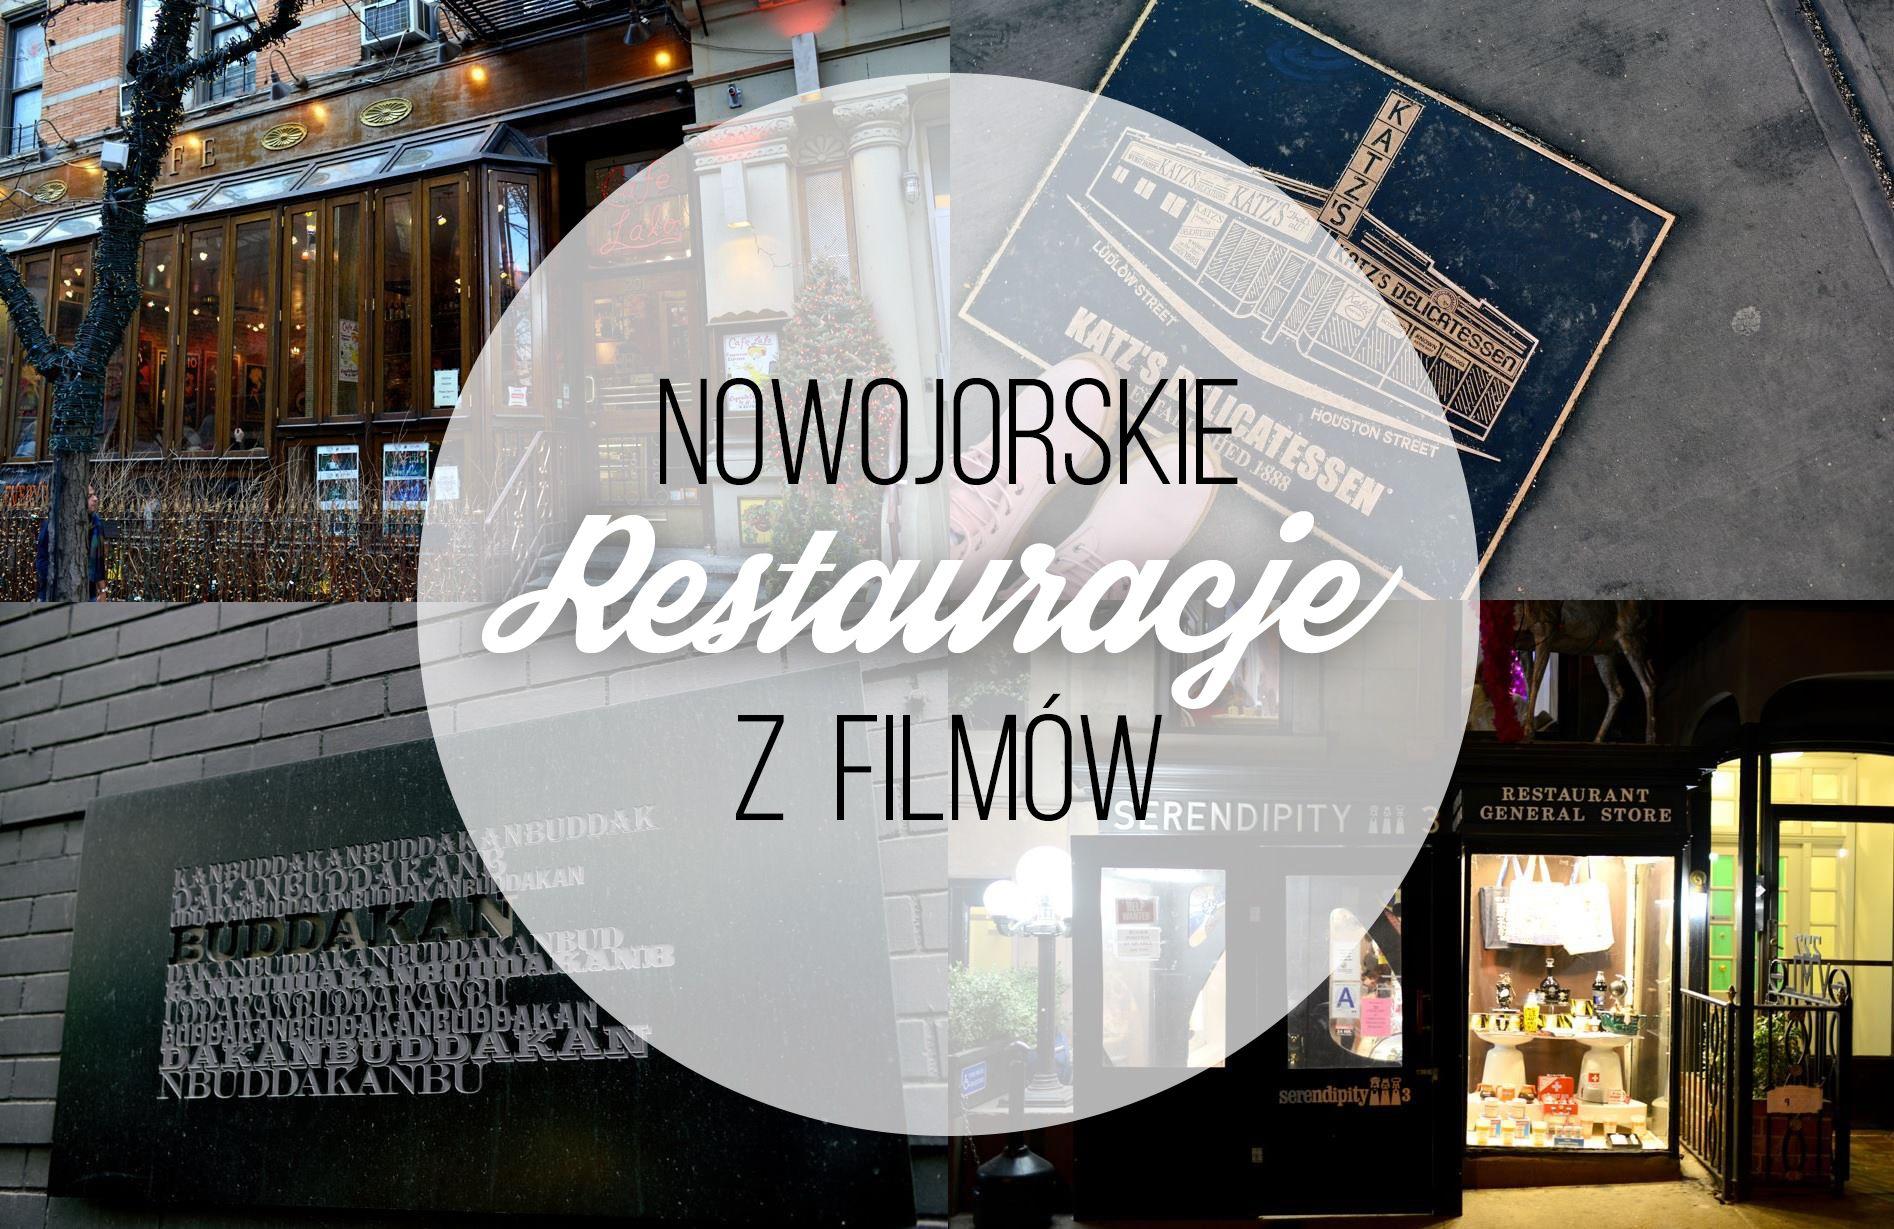 NOWY JORK: Restauracje z filmów